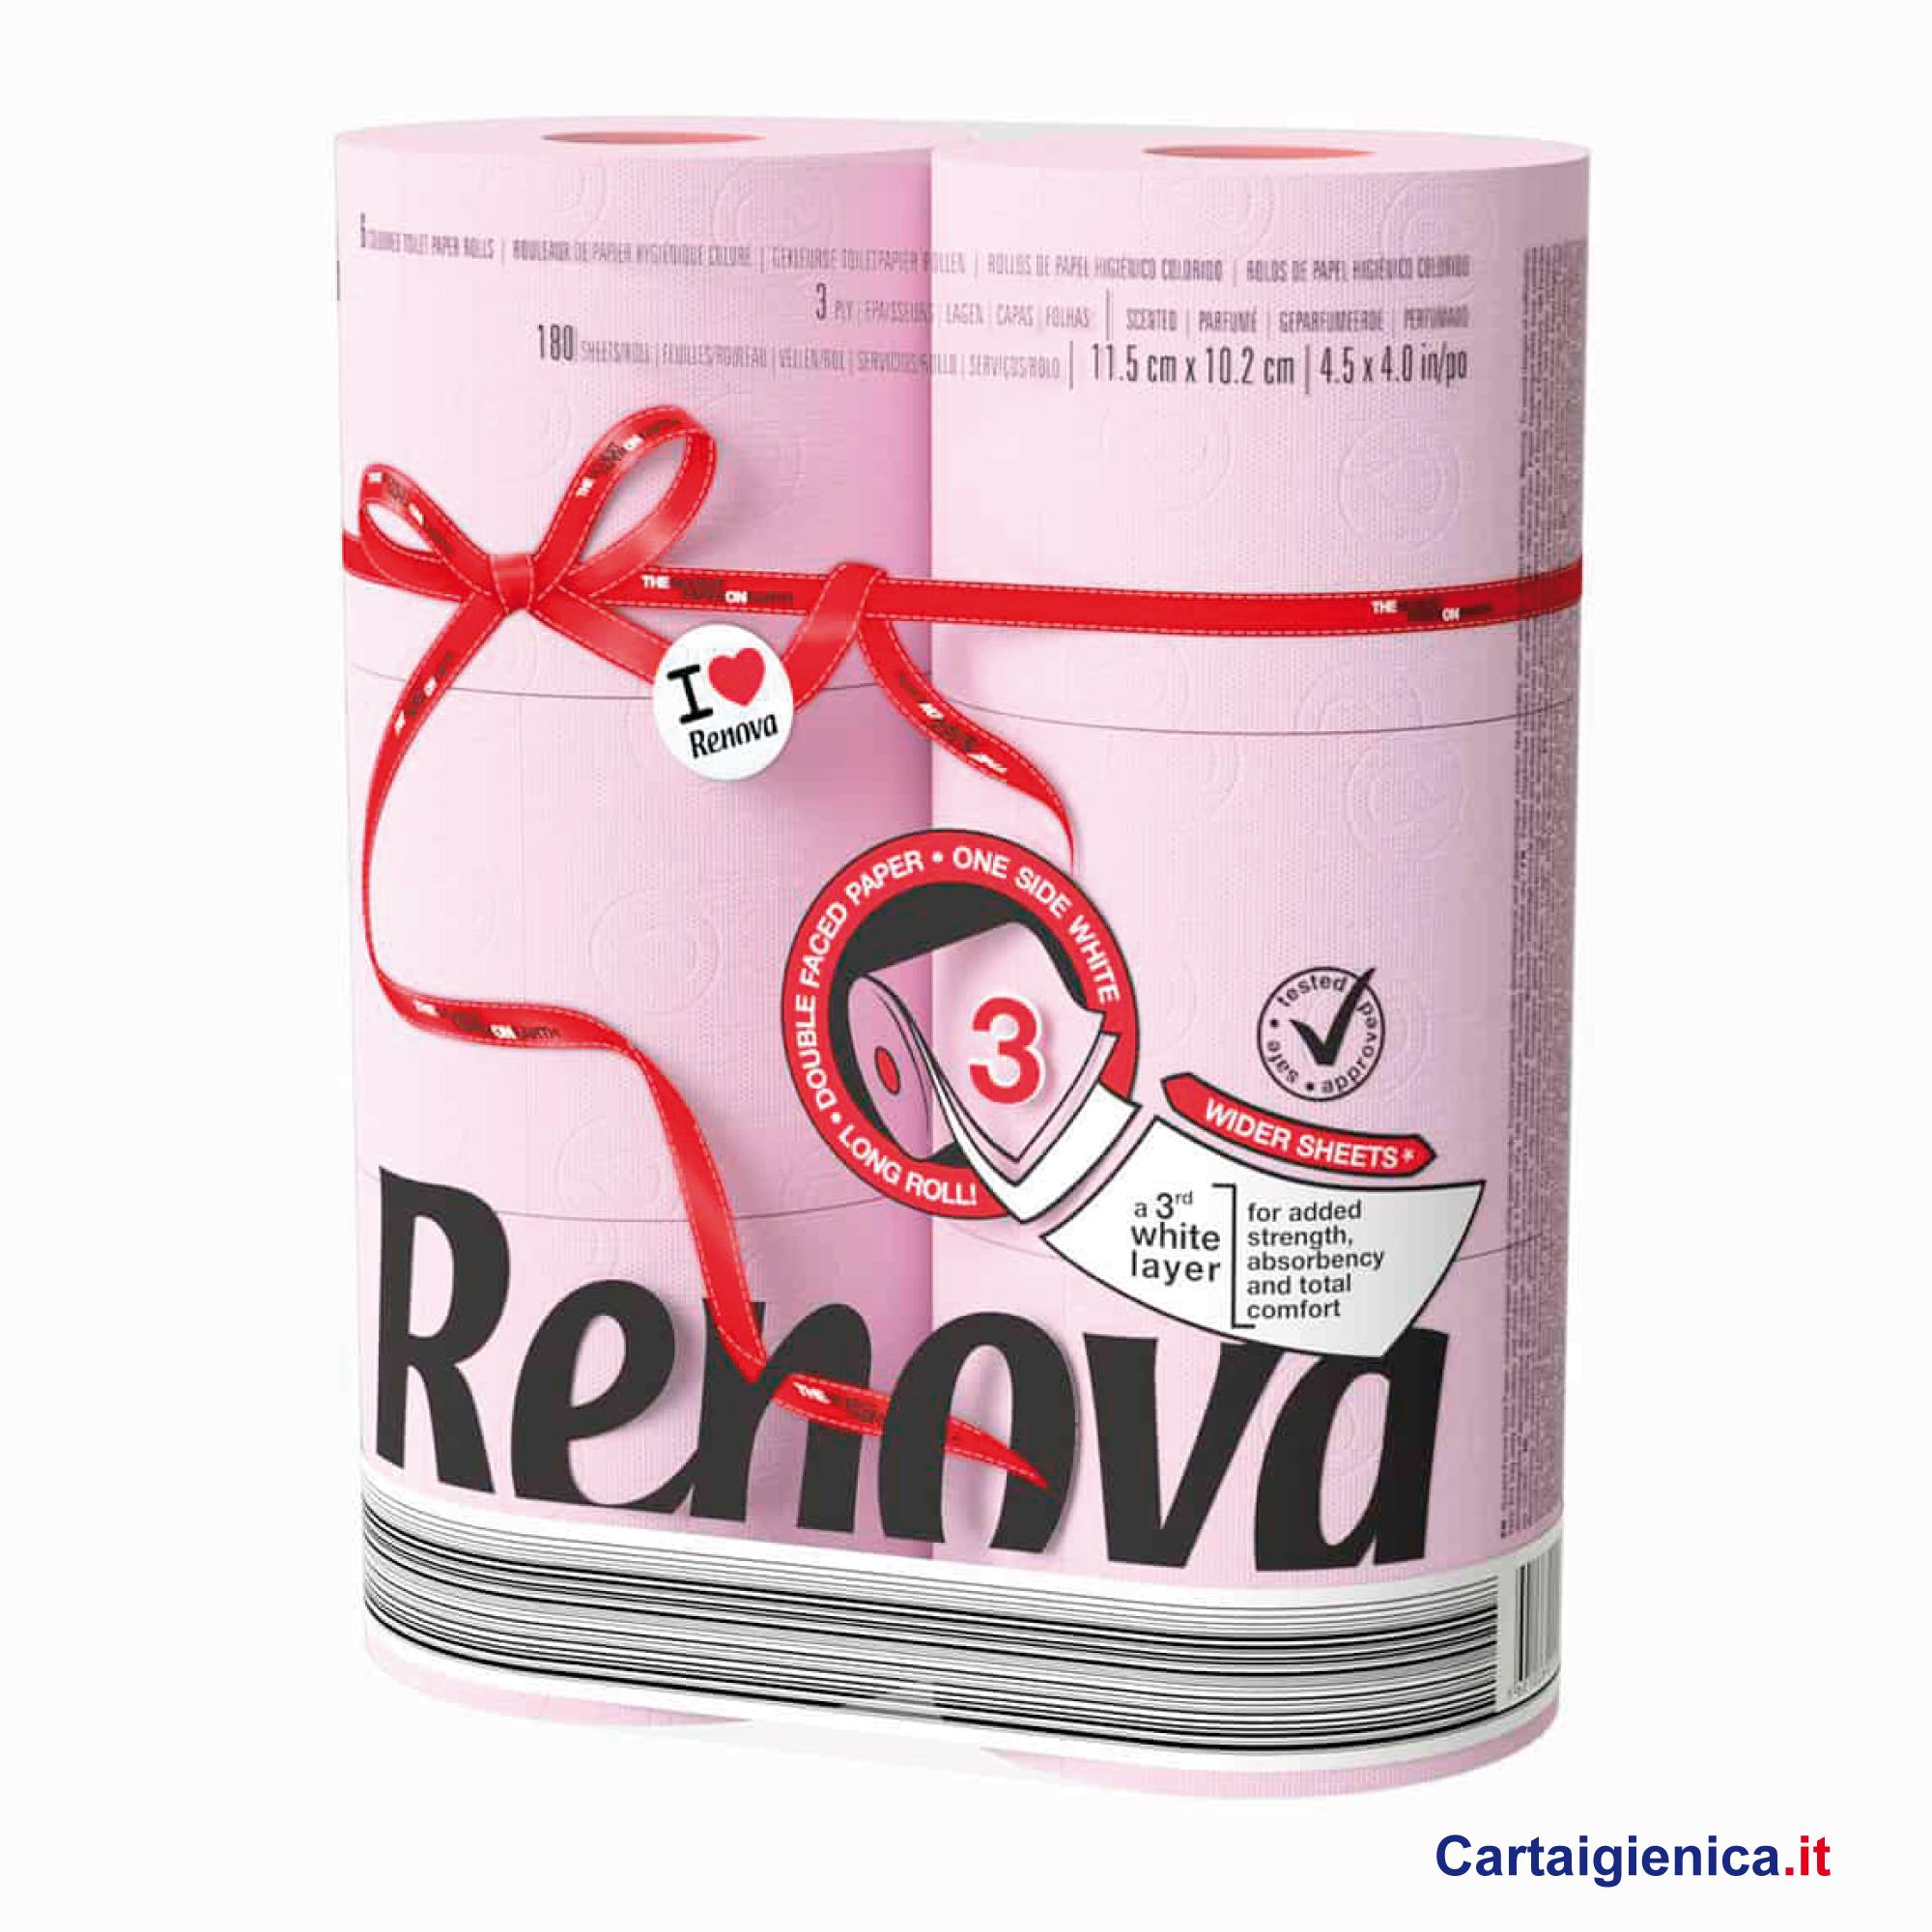 renova carta igienica colorata rosa 6 rotoli cartaigienica.it